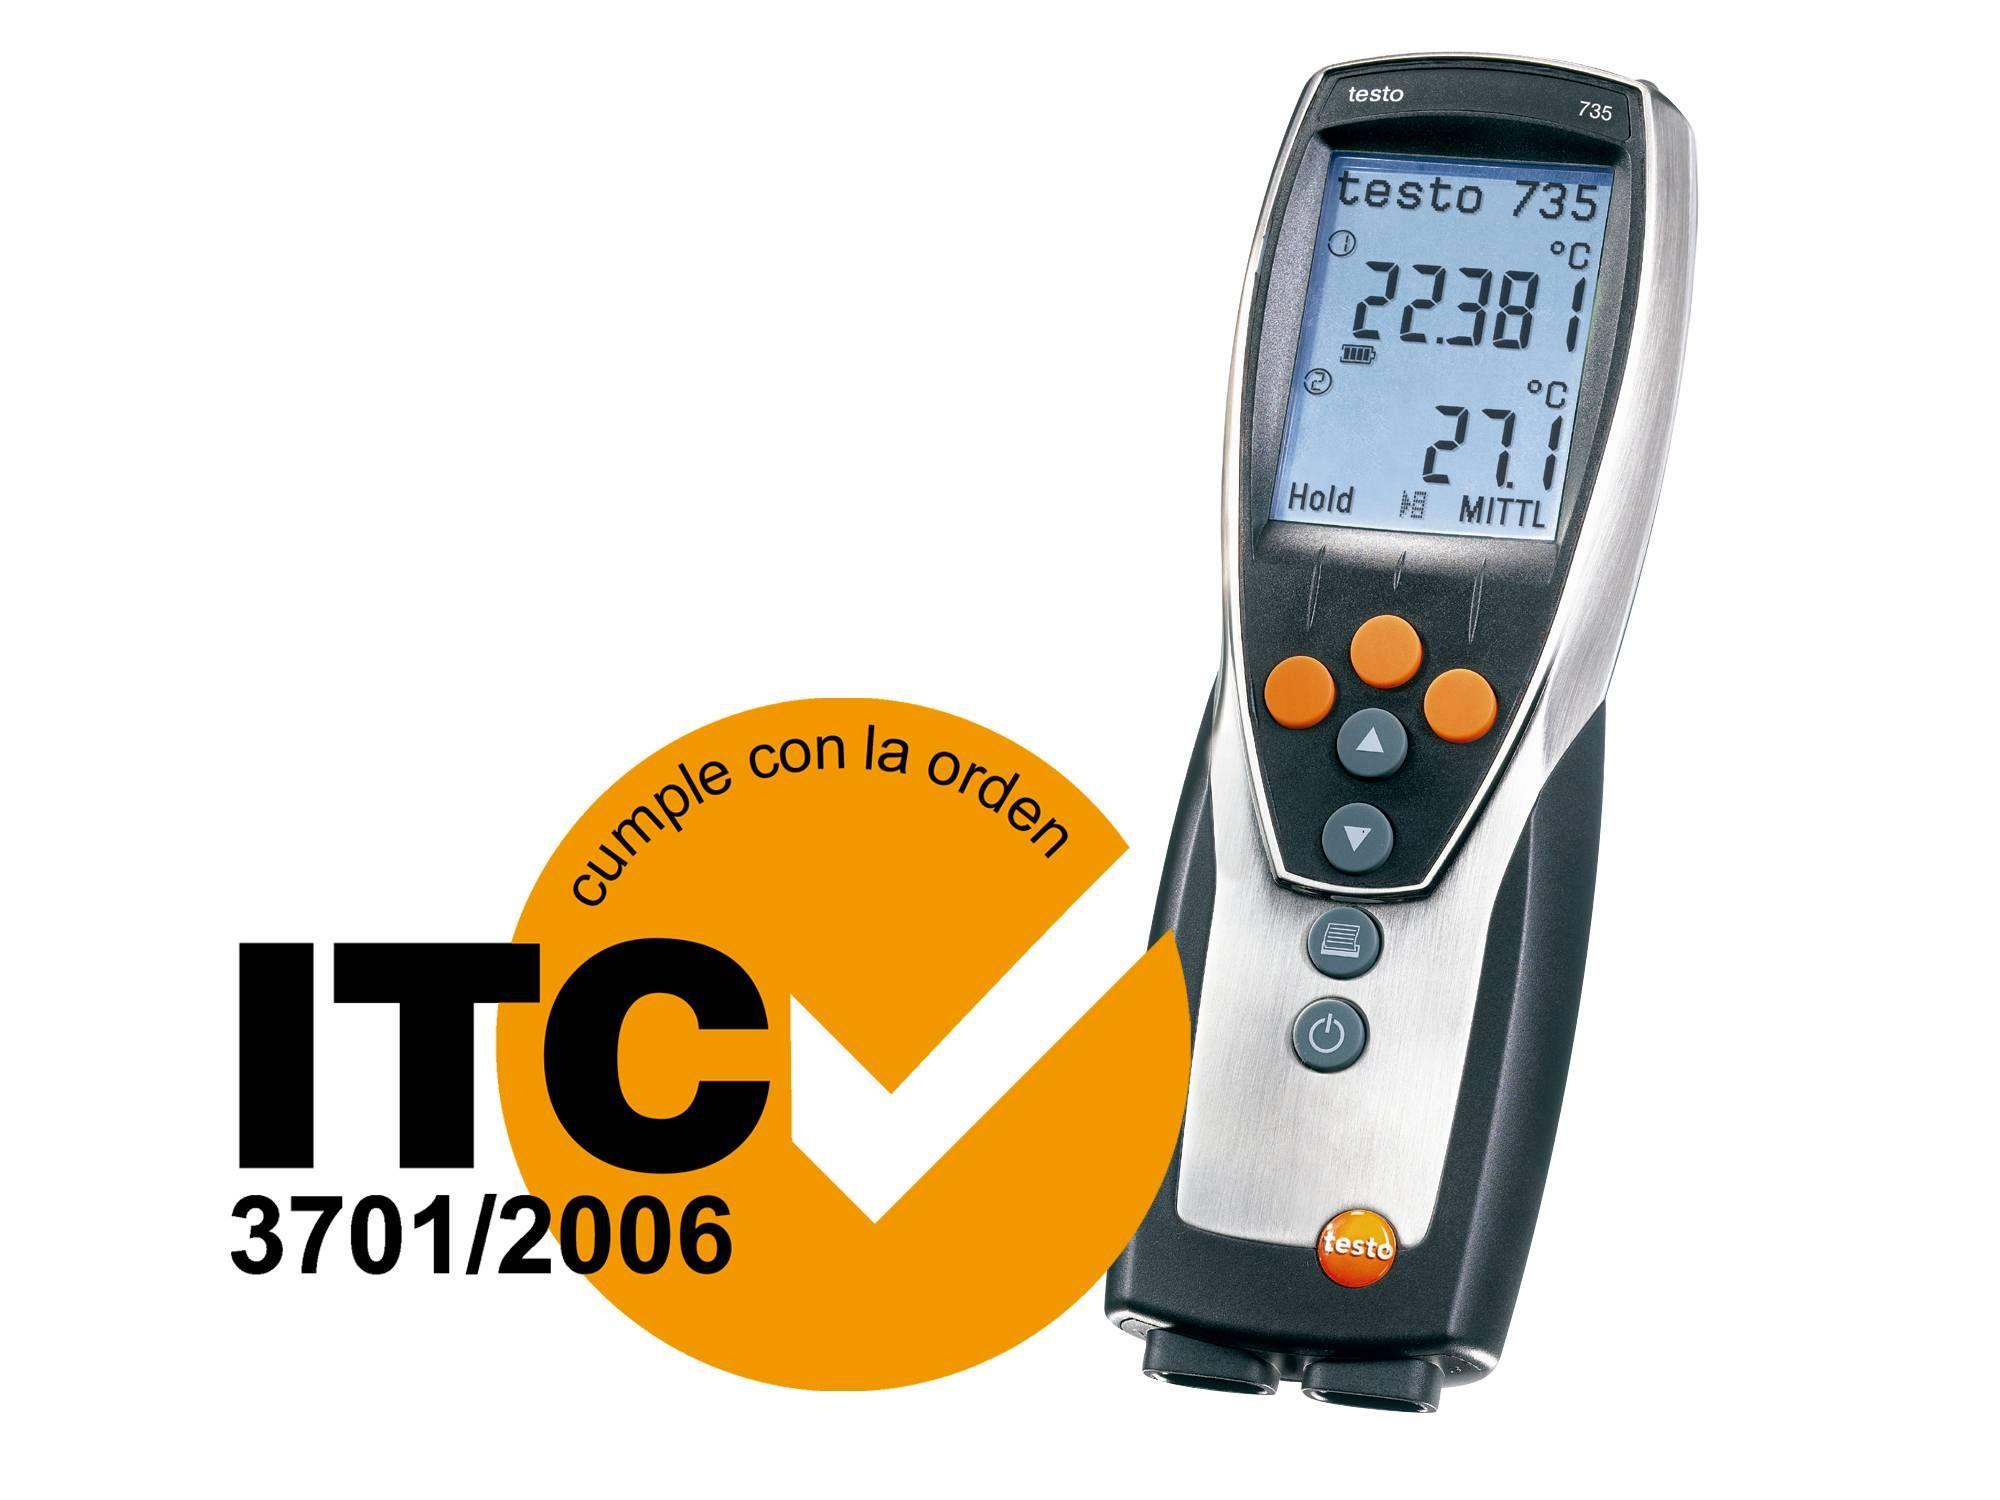 Termómetro profesional testo 735-1 con homologación ITC